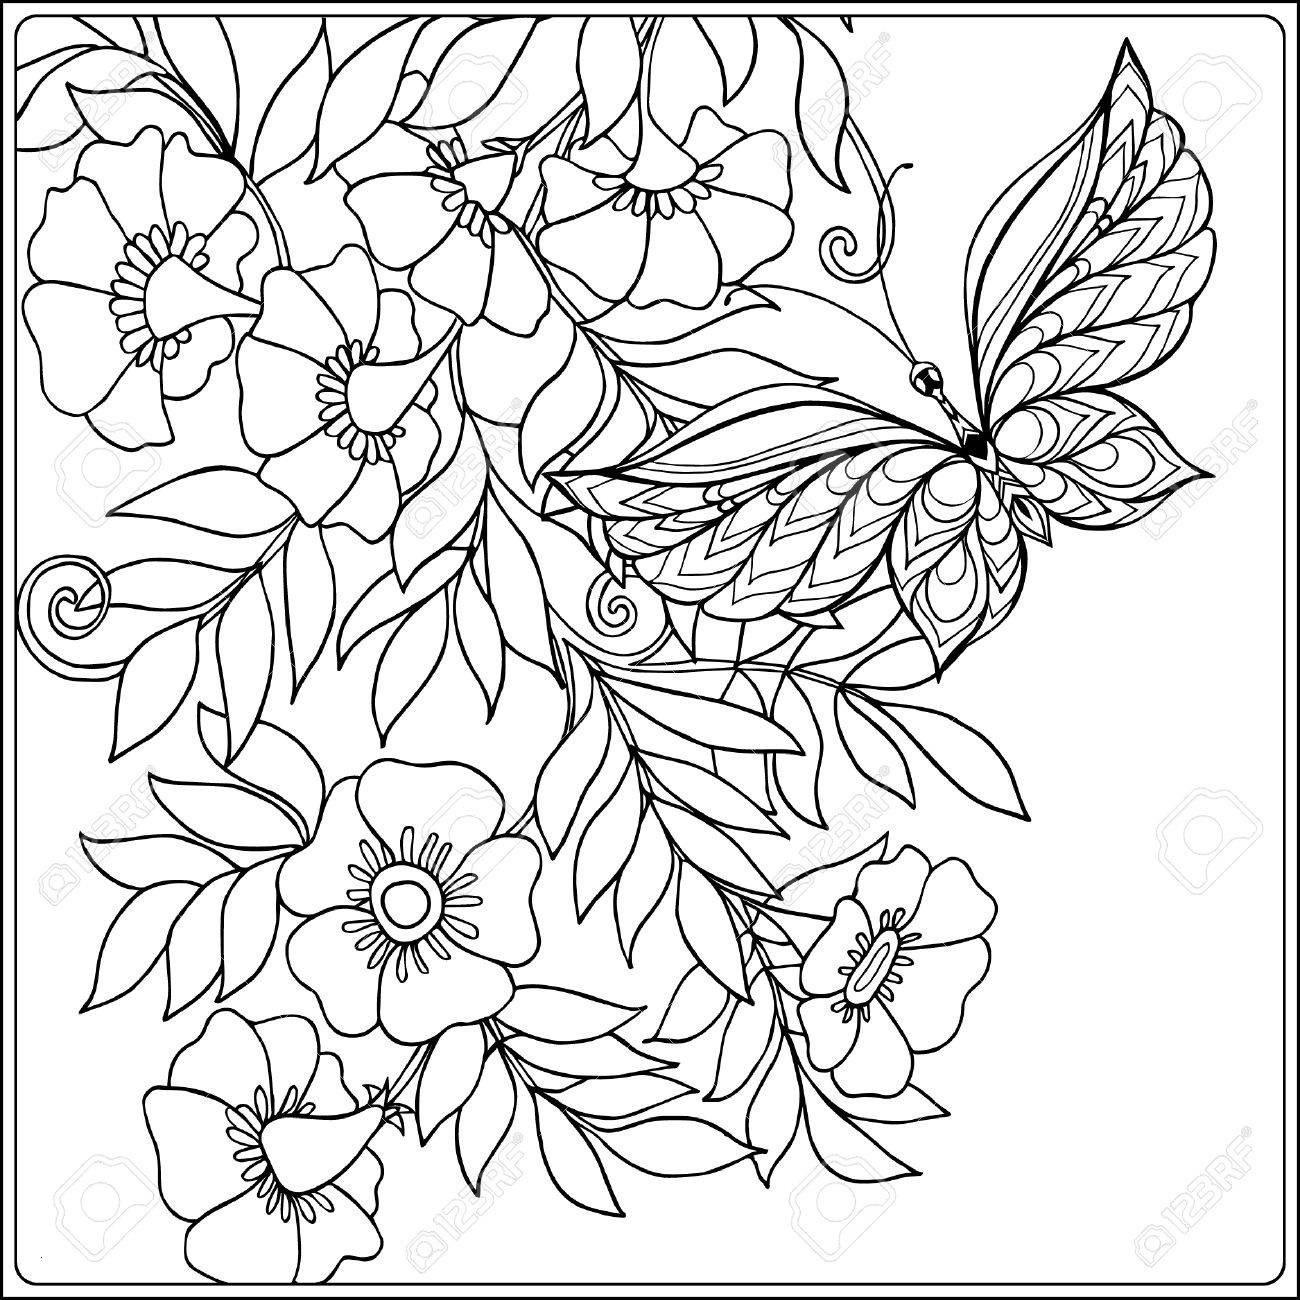 Malvorlagen Blumen Rosen Frisch Rosen Ausmalbilder Ausdrucken Lovely Malvorlage Quelle Inspirierend Bilder